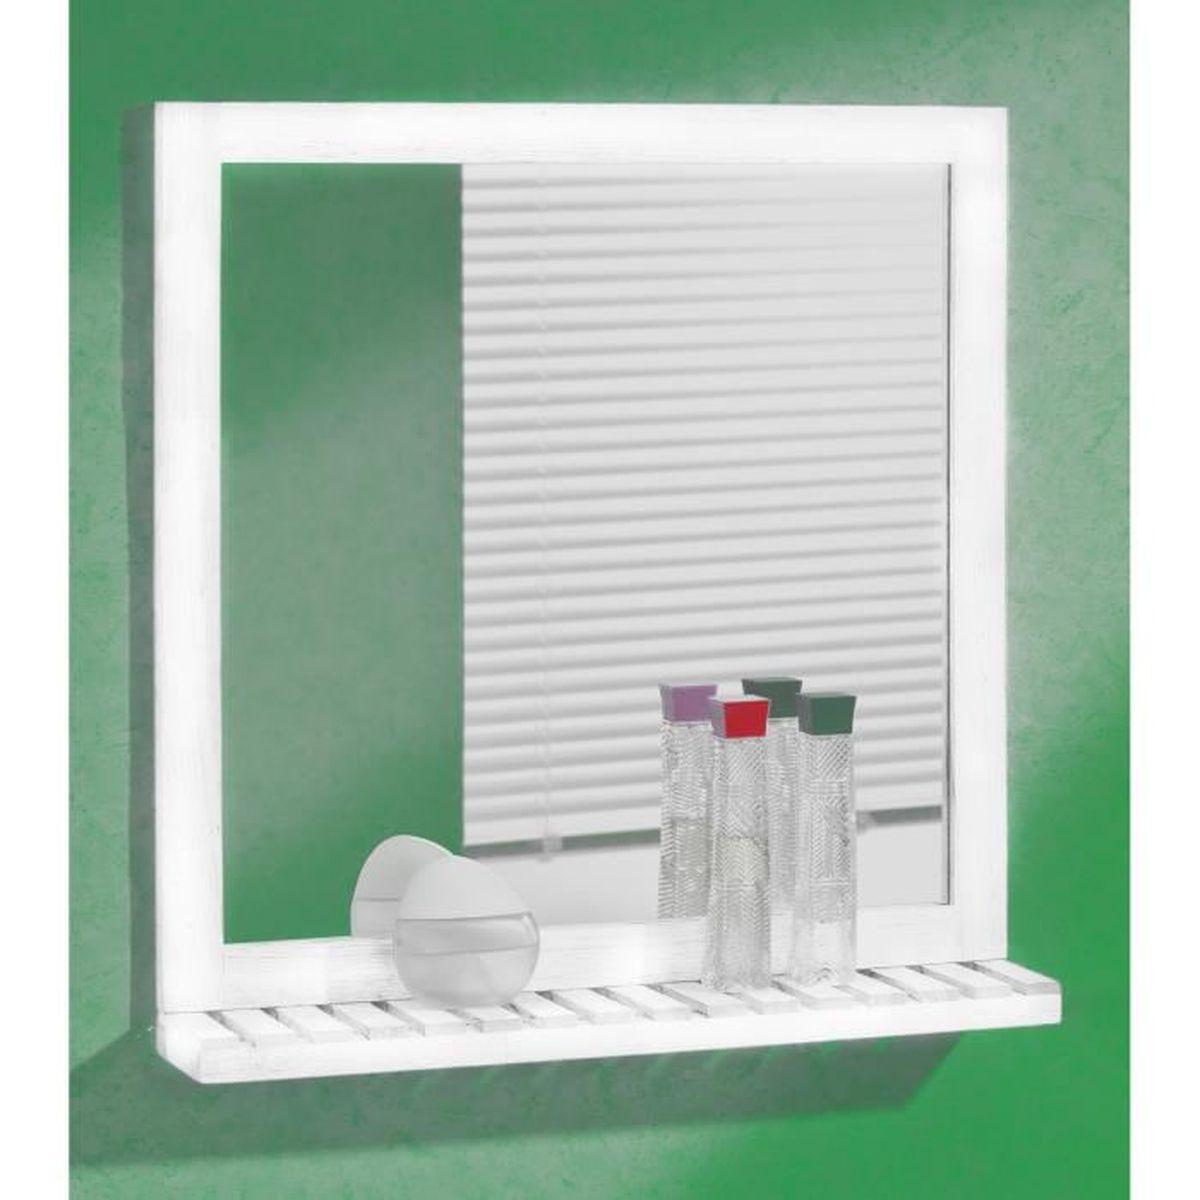 Miroir Mural 60 X 63 Cm Peint En Blanc Avec étagère Achat Vente